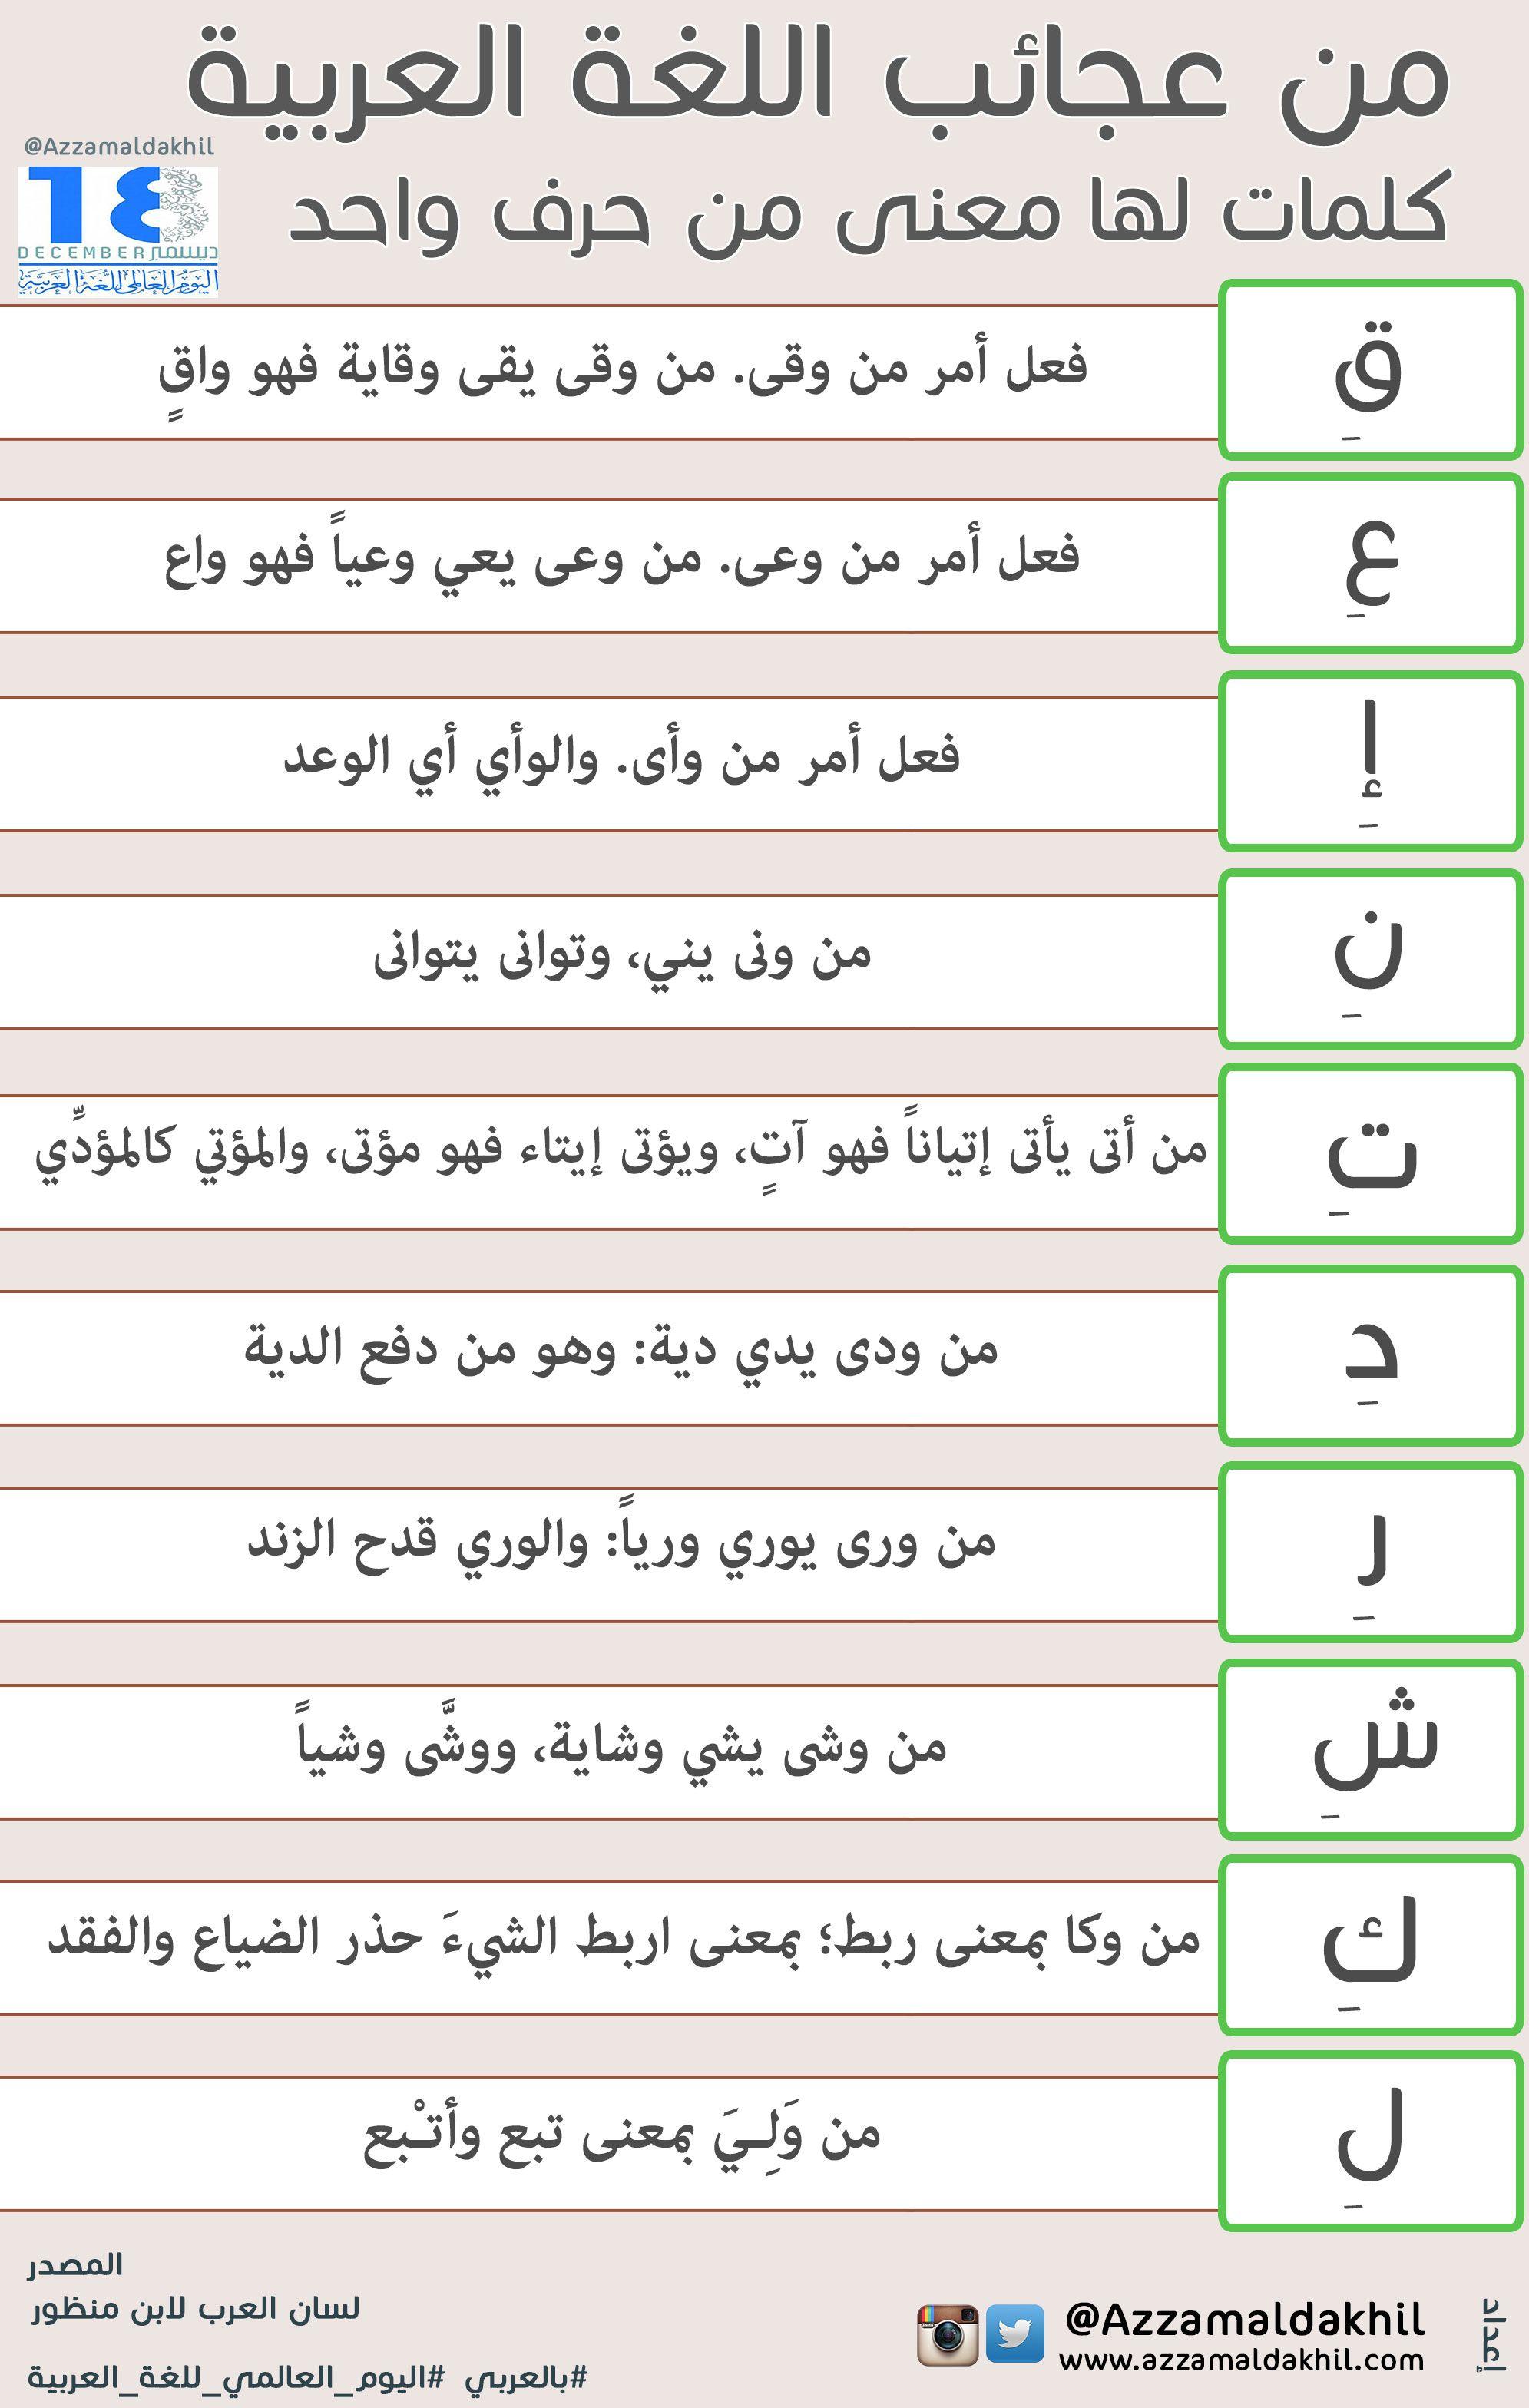 من عجائب اللغة العربية كلمات لها معنى من حرف واحد Learn Arabic Language Arabic Language Learn Arabic Online